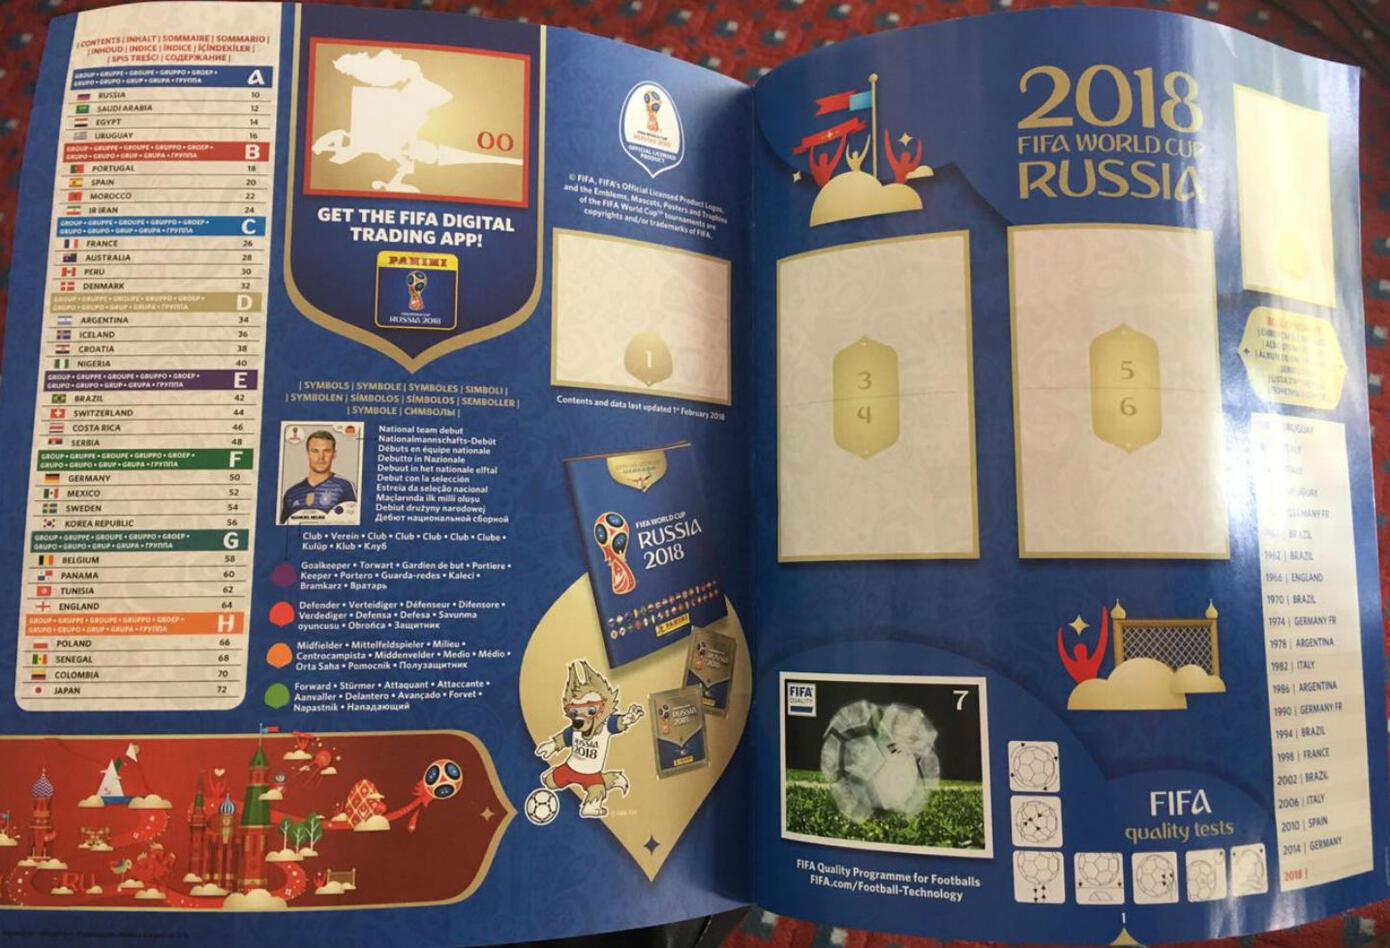 Imágenes del álbum oficial del Mundial de Rusia 2018